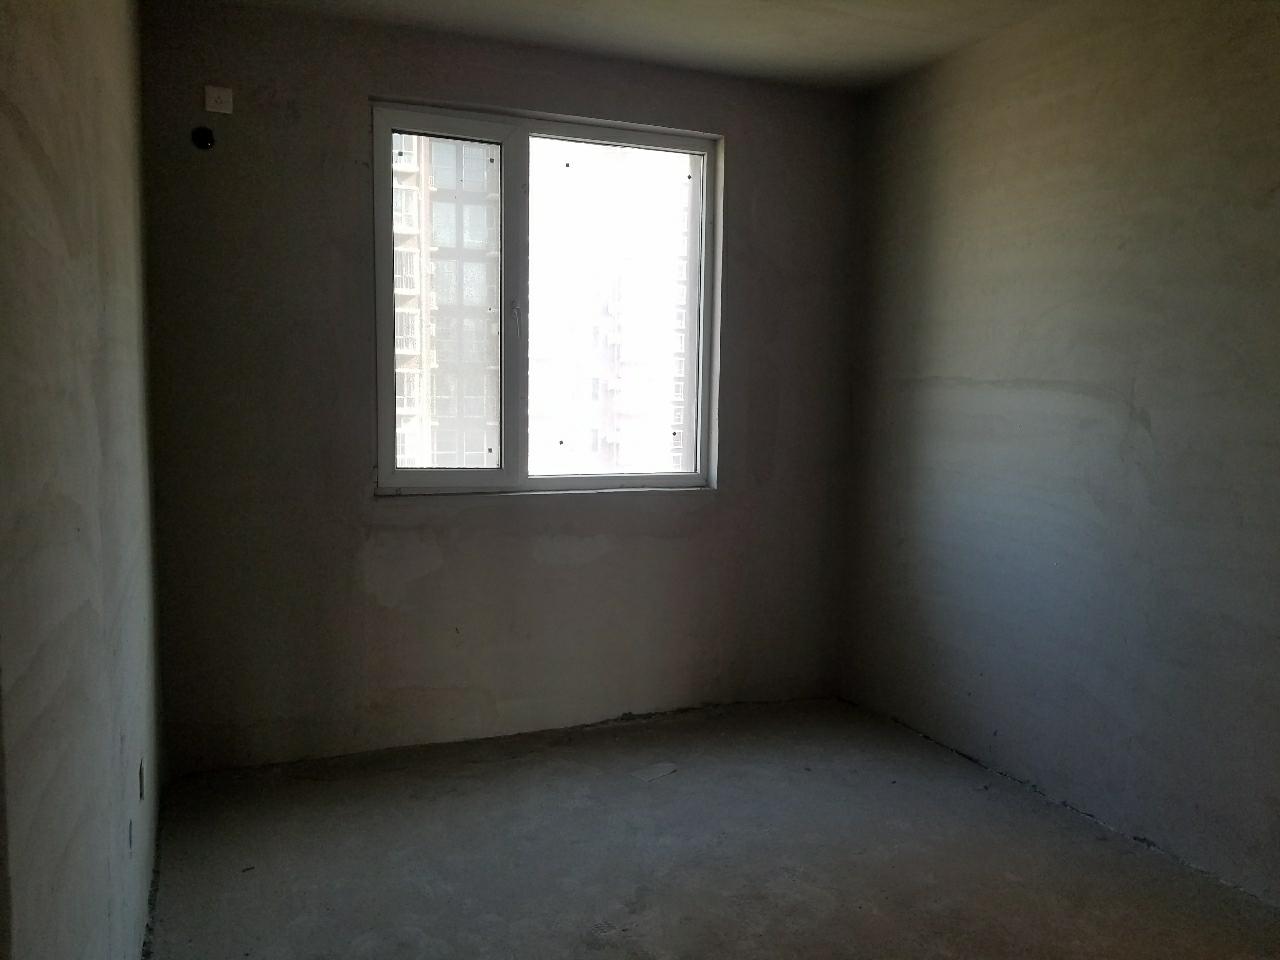 蓝波圣景2室 1厅 1卫44万元